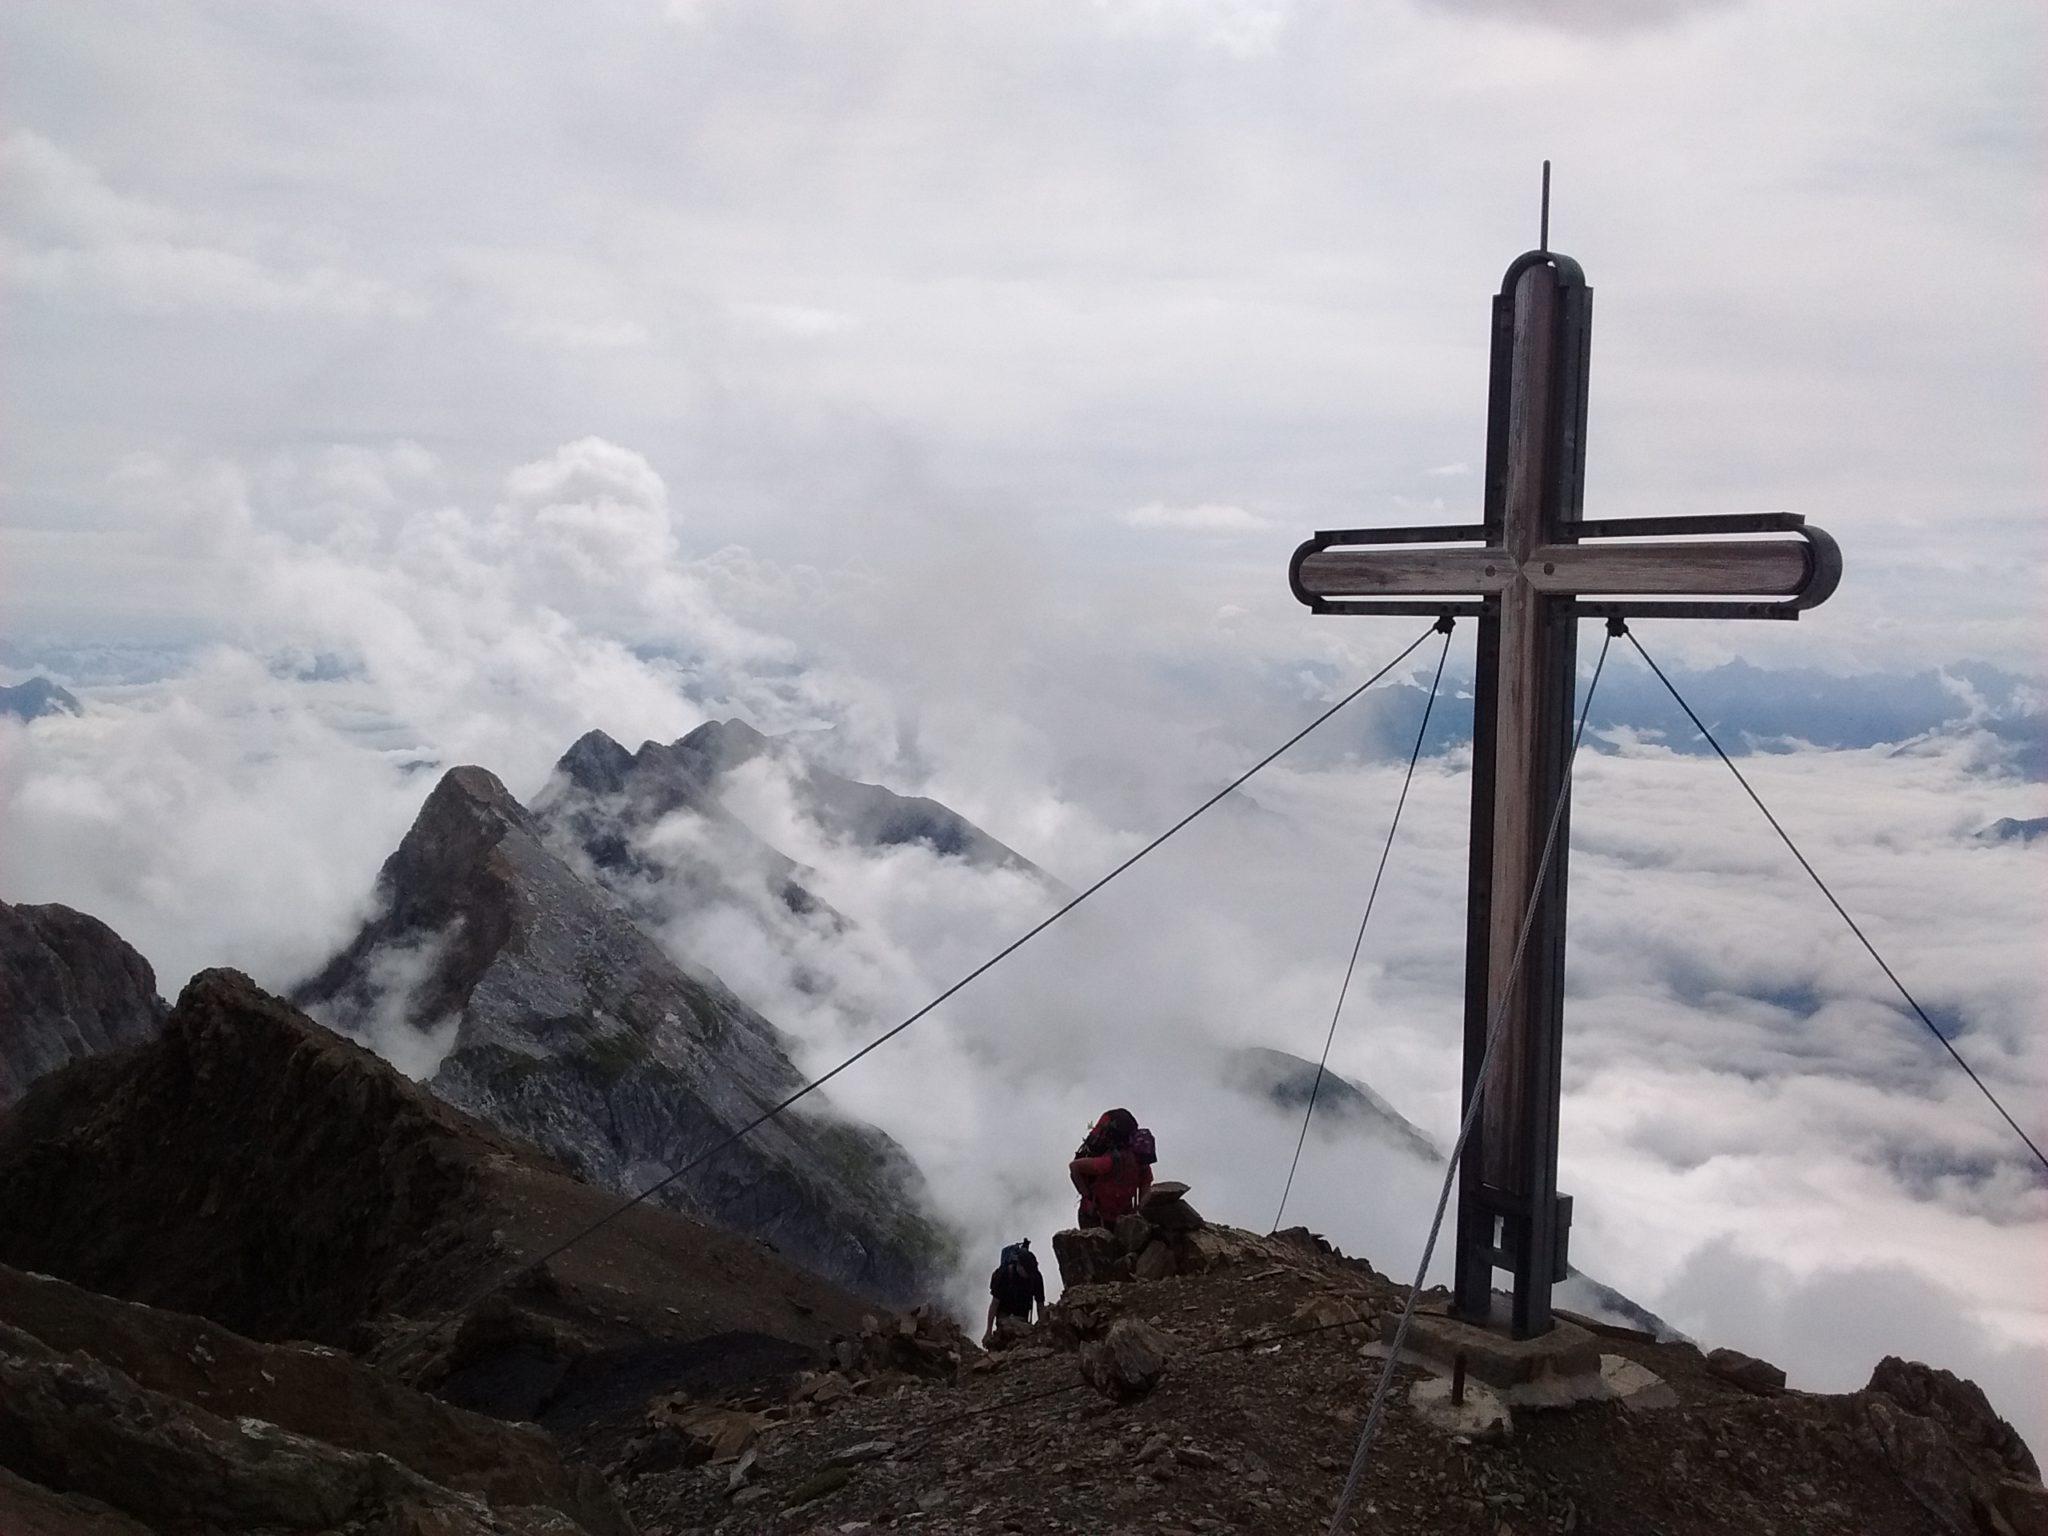 Alpen, Lechtal, Lechtaler Höhenweg, Bergwandern, Bergsteigen, DAV